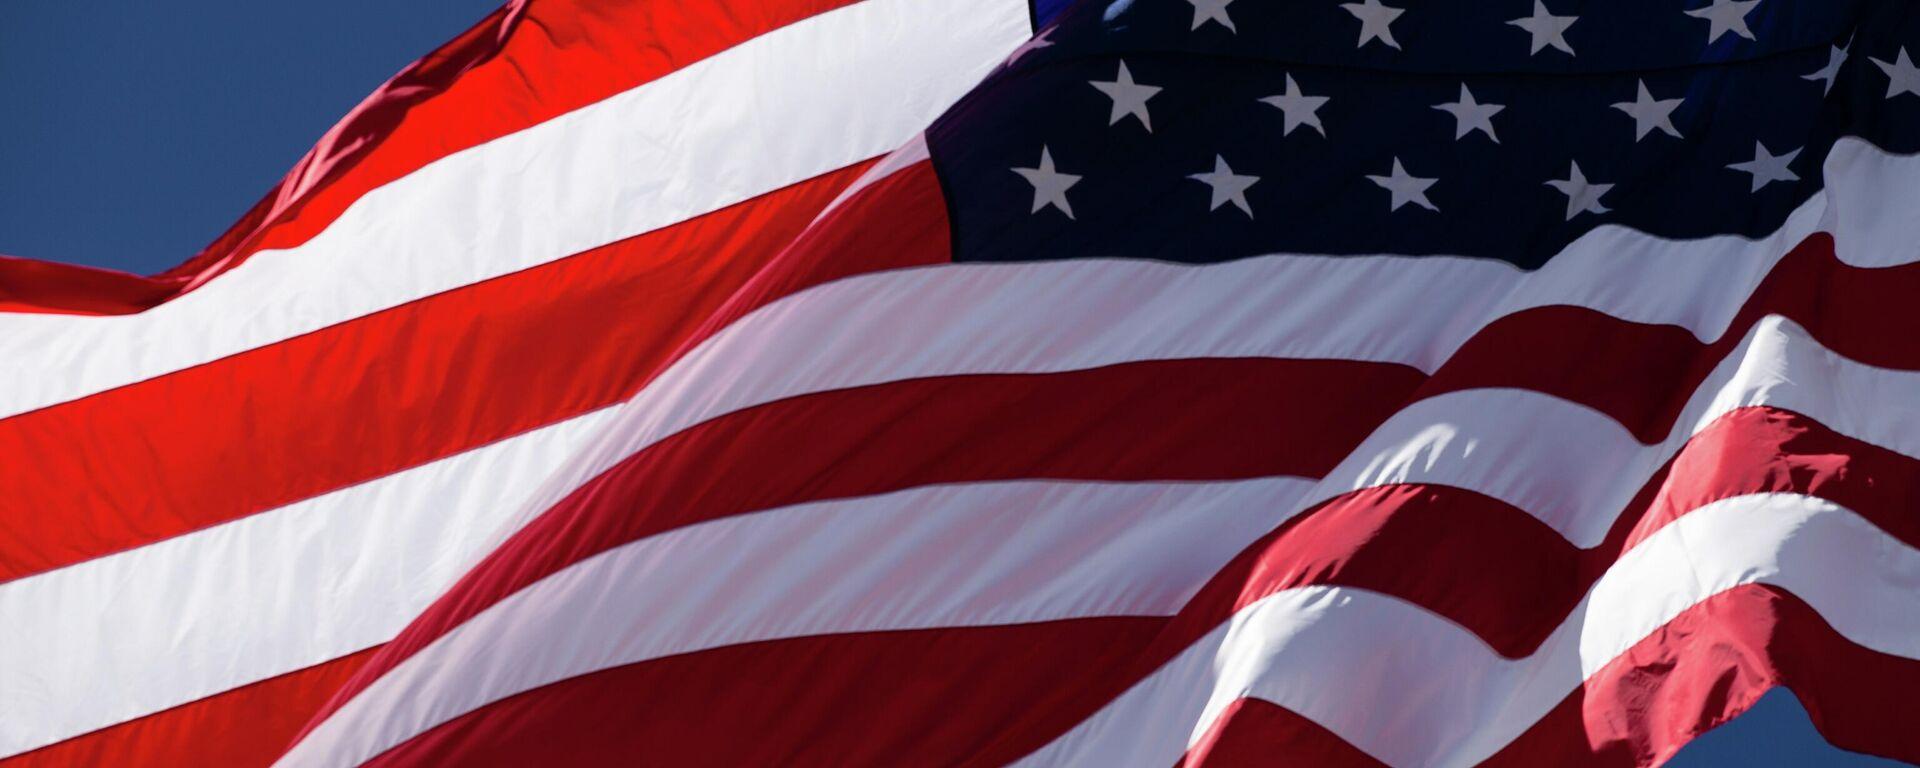 La bandera de Estados Unidos - Sputnik Mundo, 1920, 23.09.2021